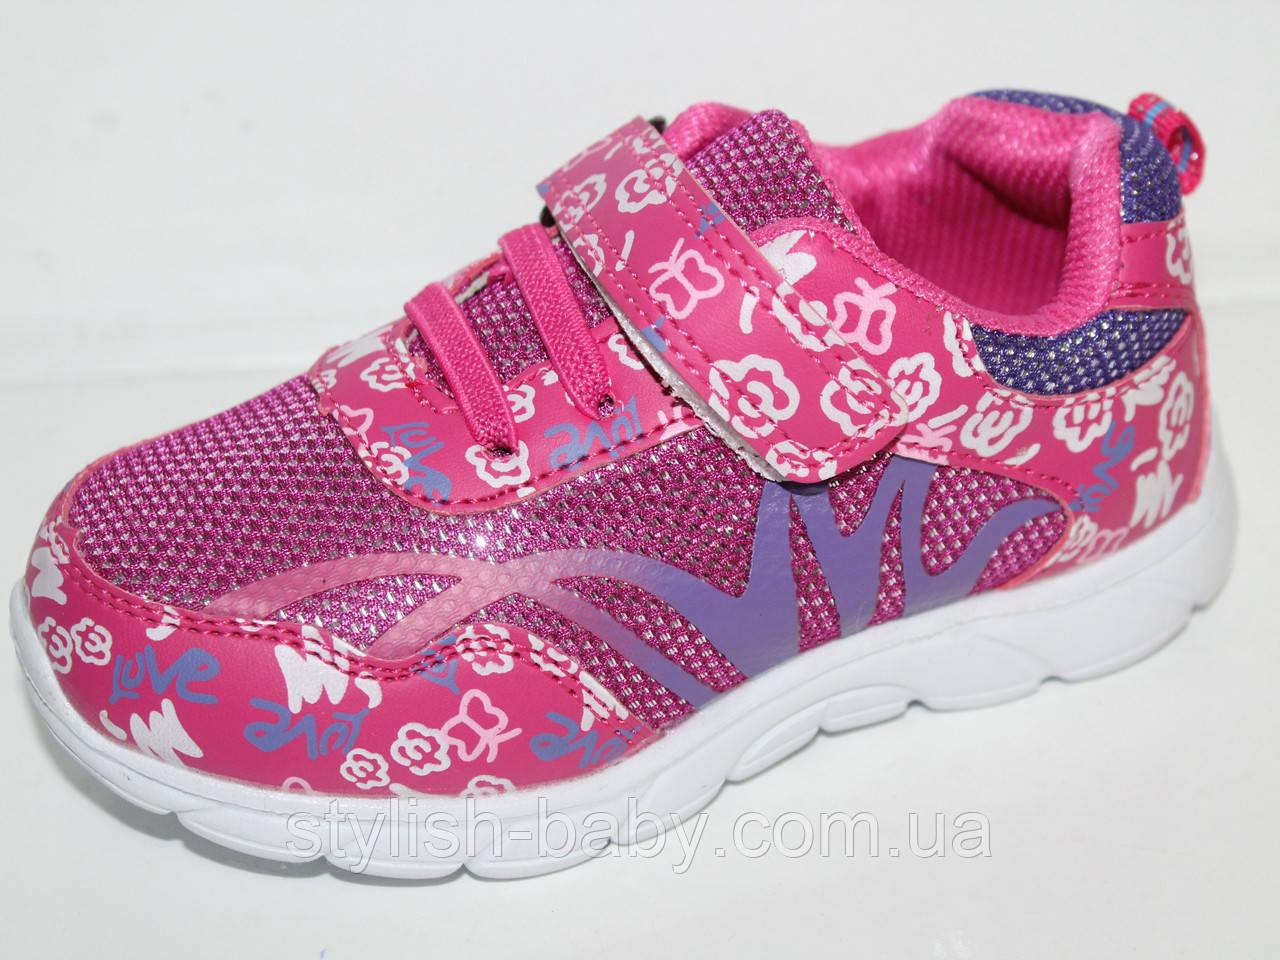 Детские кроссовки оптом. Детская спортивная обувь бренда Y.TOP для девочек (рр. с 27 по 32)